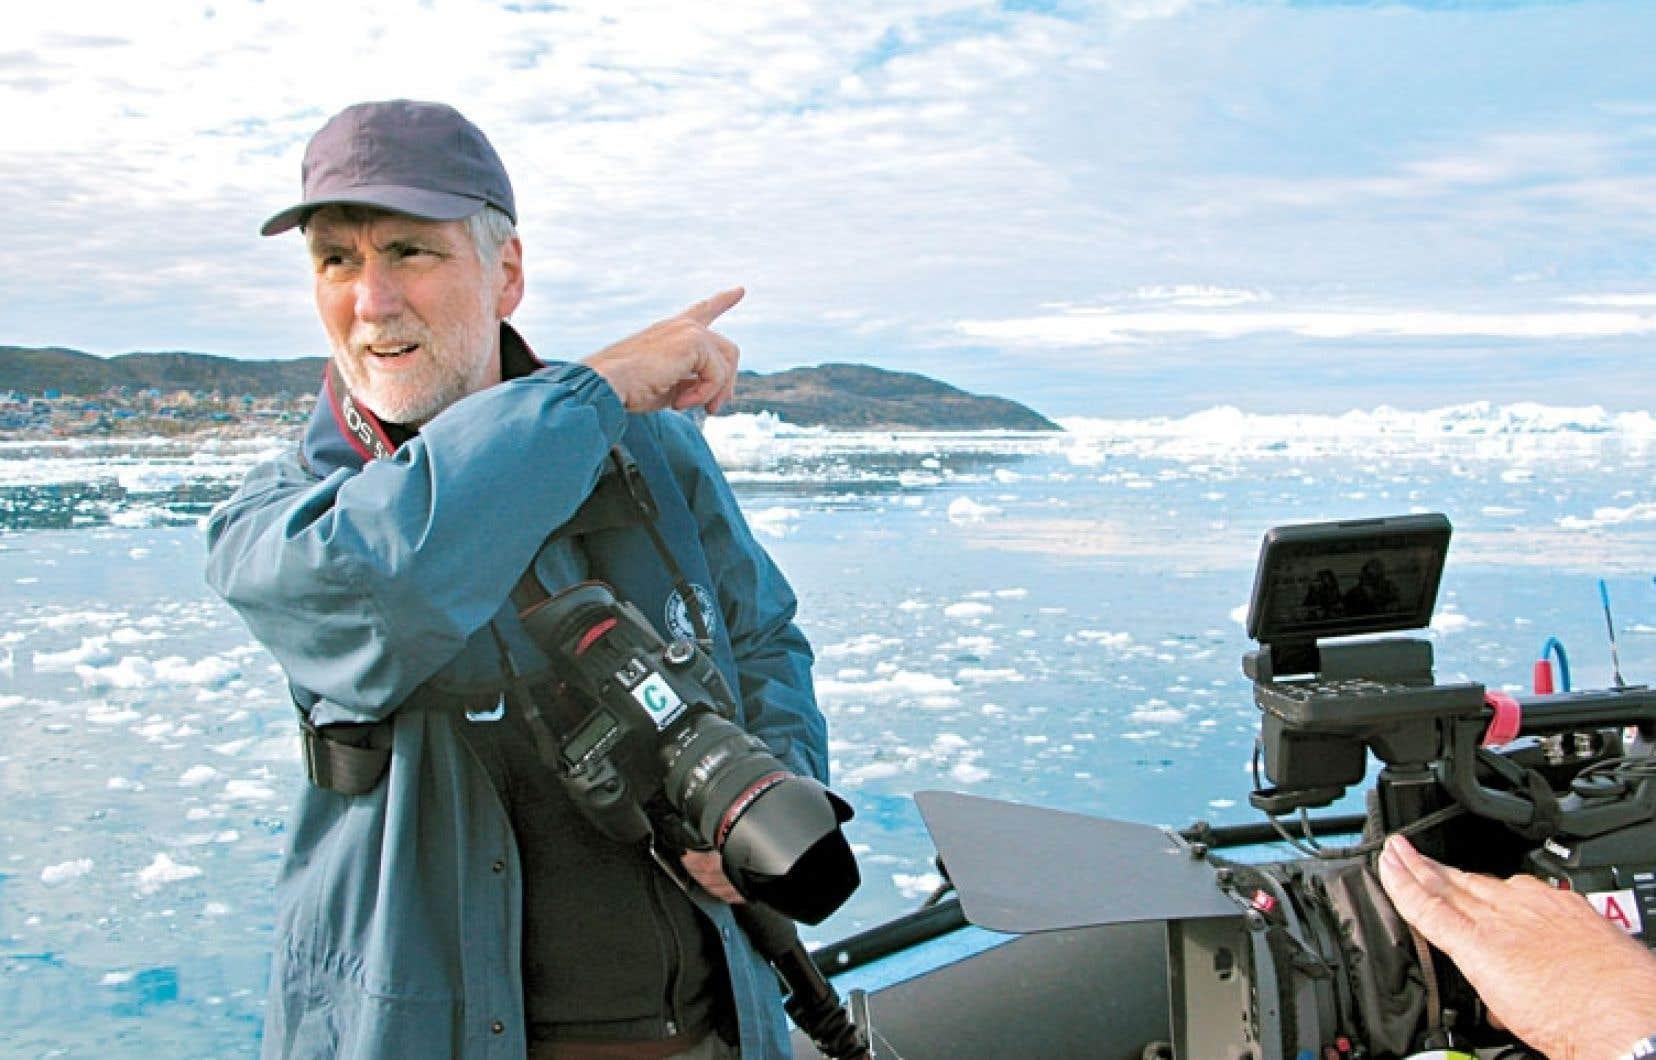 Le documentariste a su filmer les paysages magnifiques du Grand Nord.